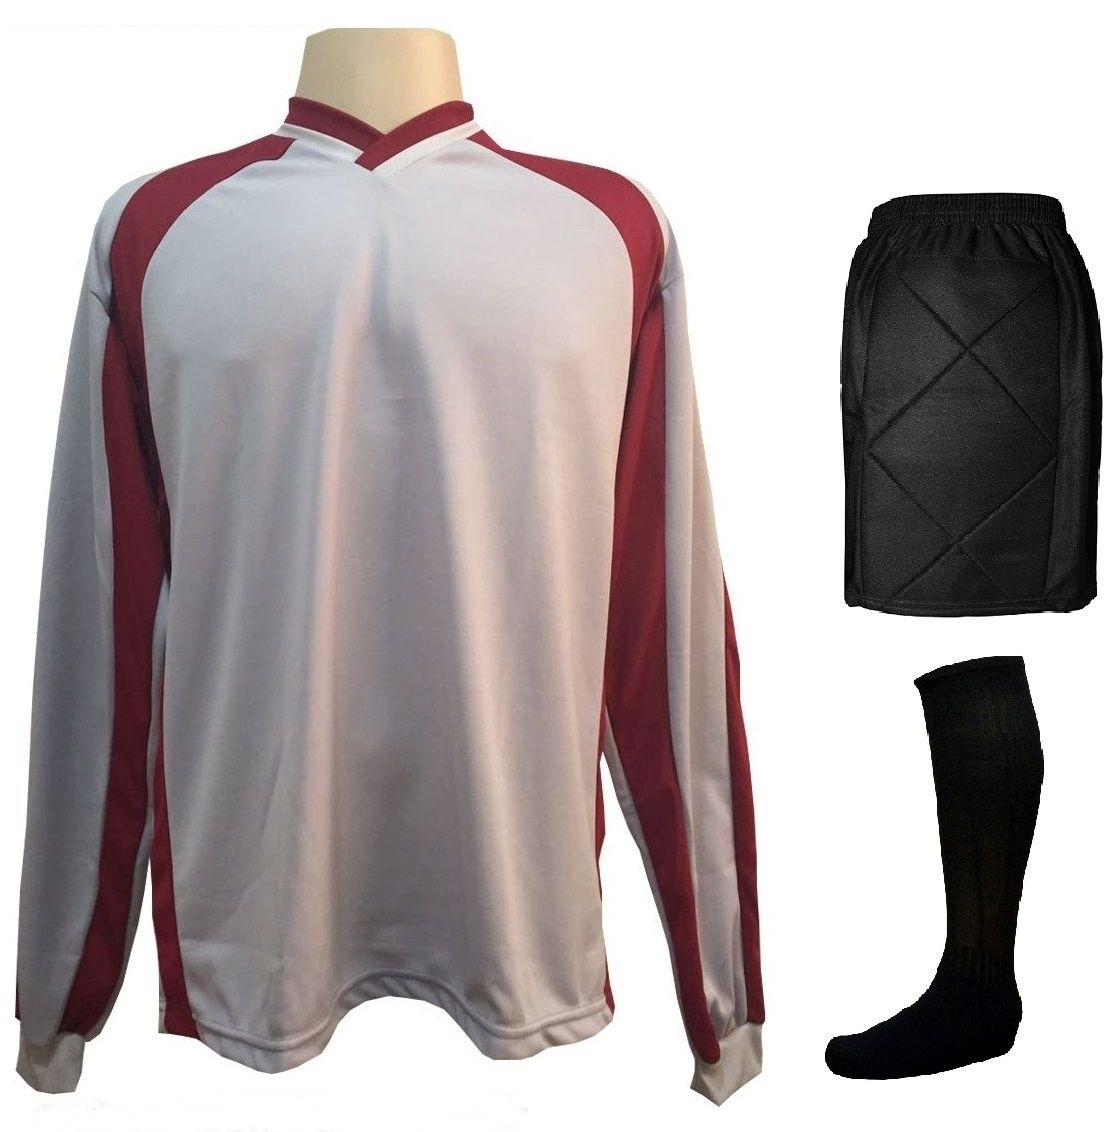 Fardamento Completo modelo Bélgica 20+1 (20 camisas Royal/Branco + 20 calções modelo Madrid Royal + 20 pares de meiões Royal + 1 conjunto de goleiro) + Brindes